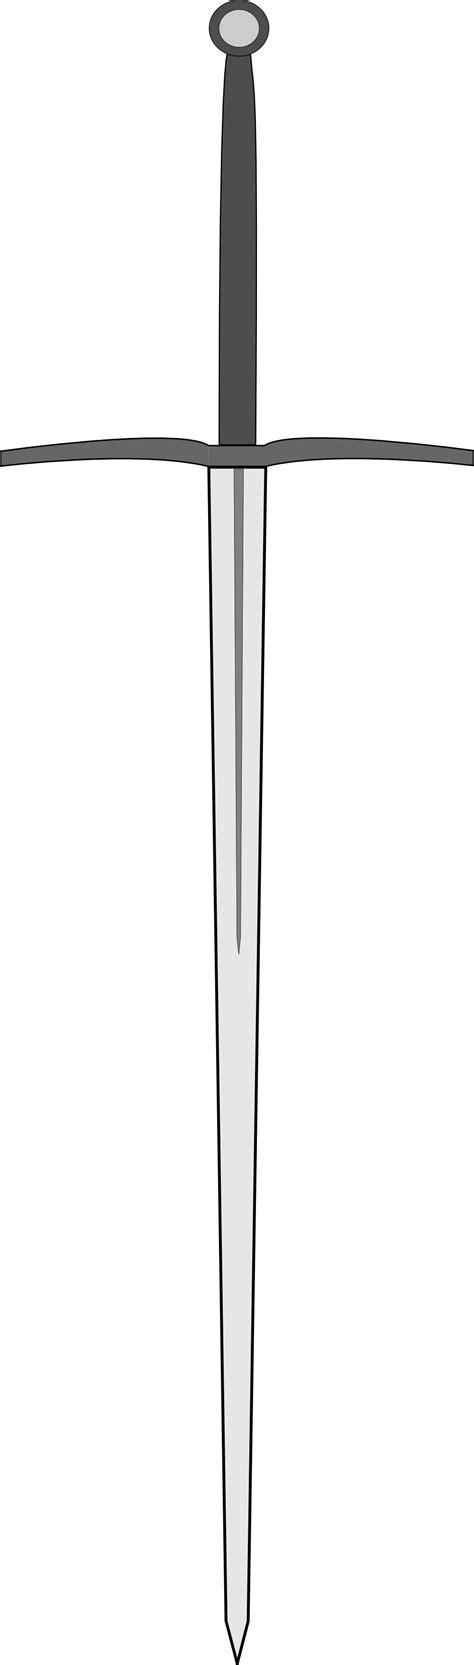 onlinelabels clip art  handed sword